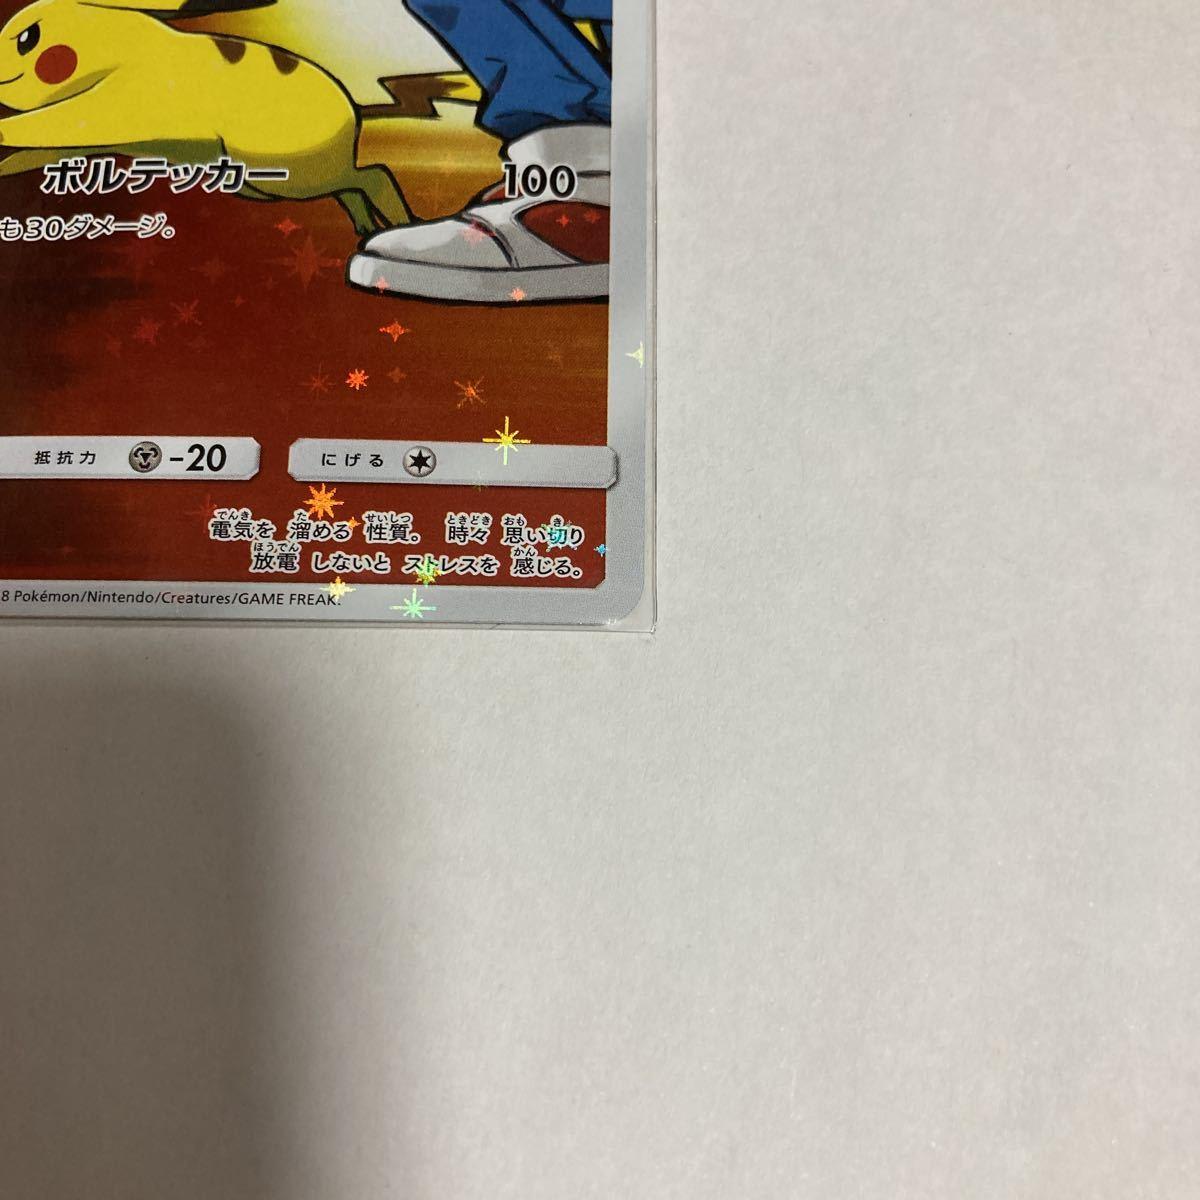 レッドのピカチュウ PROMO プロモ 270/SM-P ボルテッカー ポケモンカードゲーム ポケカ フルアート_画像4